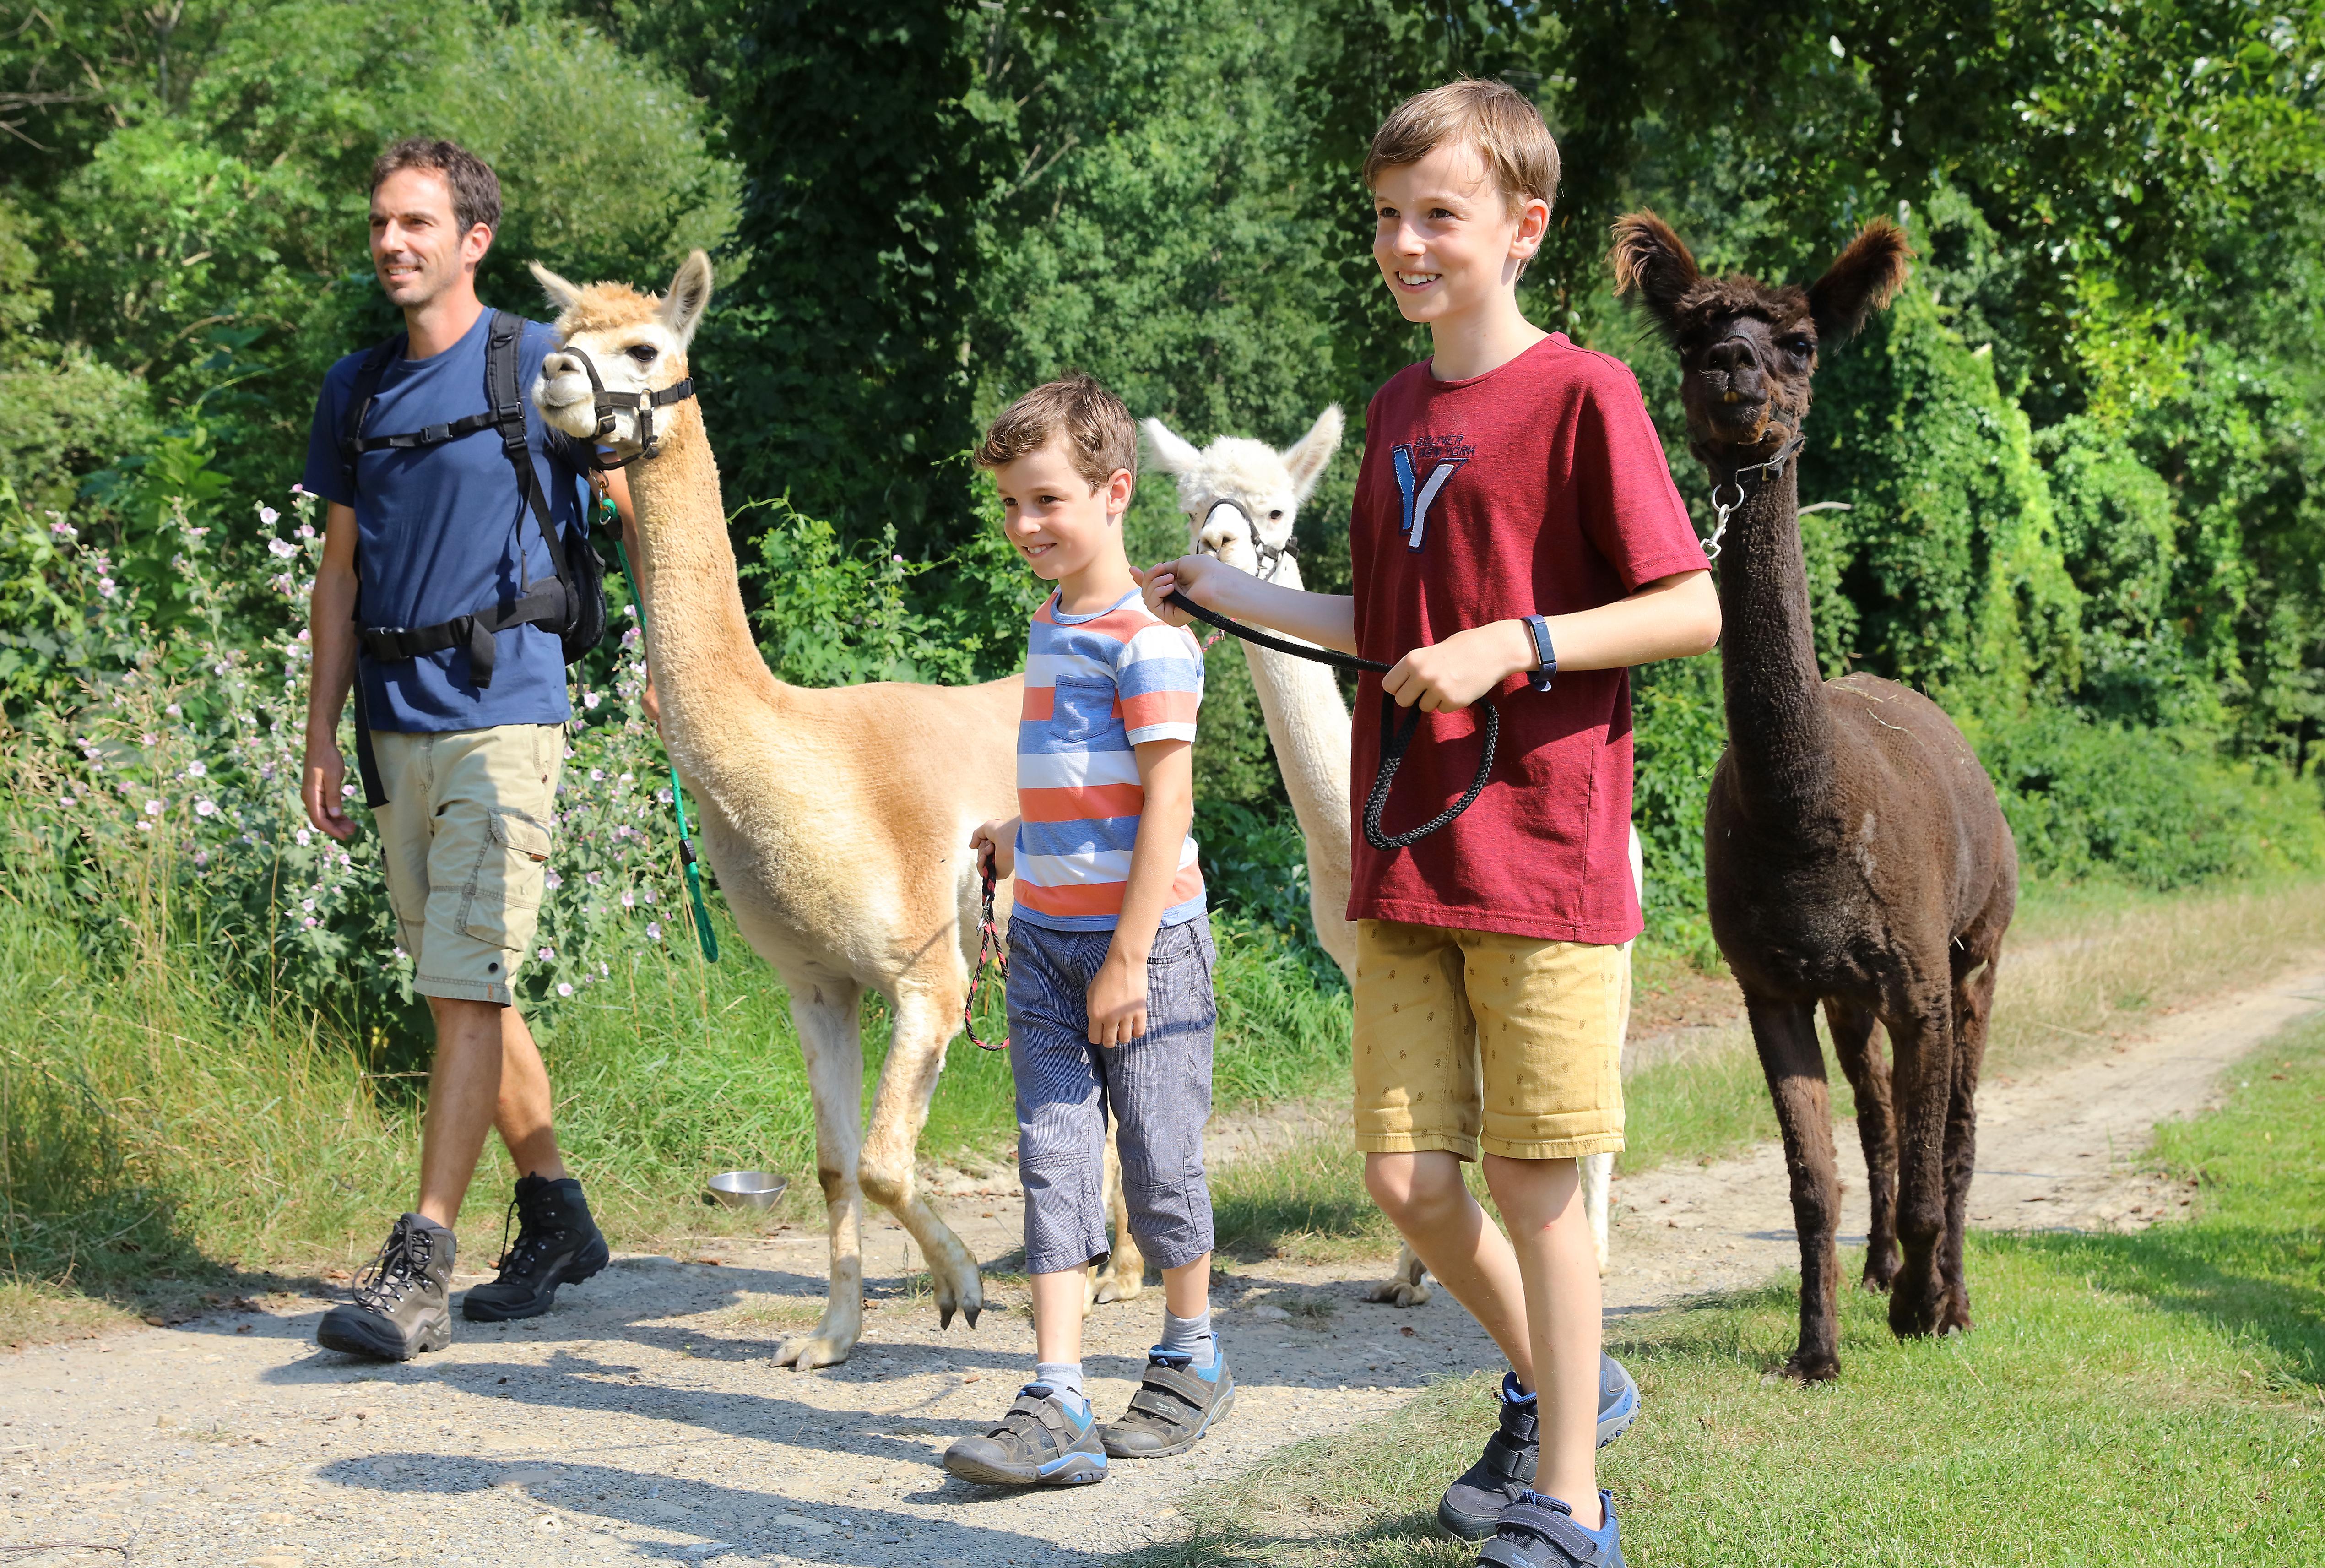 Sie sehen eine Familie beim Spazieren mit Alpakas. JUFA Hotels bietet erholsamen Familienurlaub und einen unvergesslichen Winter- und Wanderurlaub.